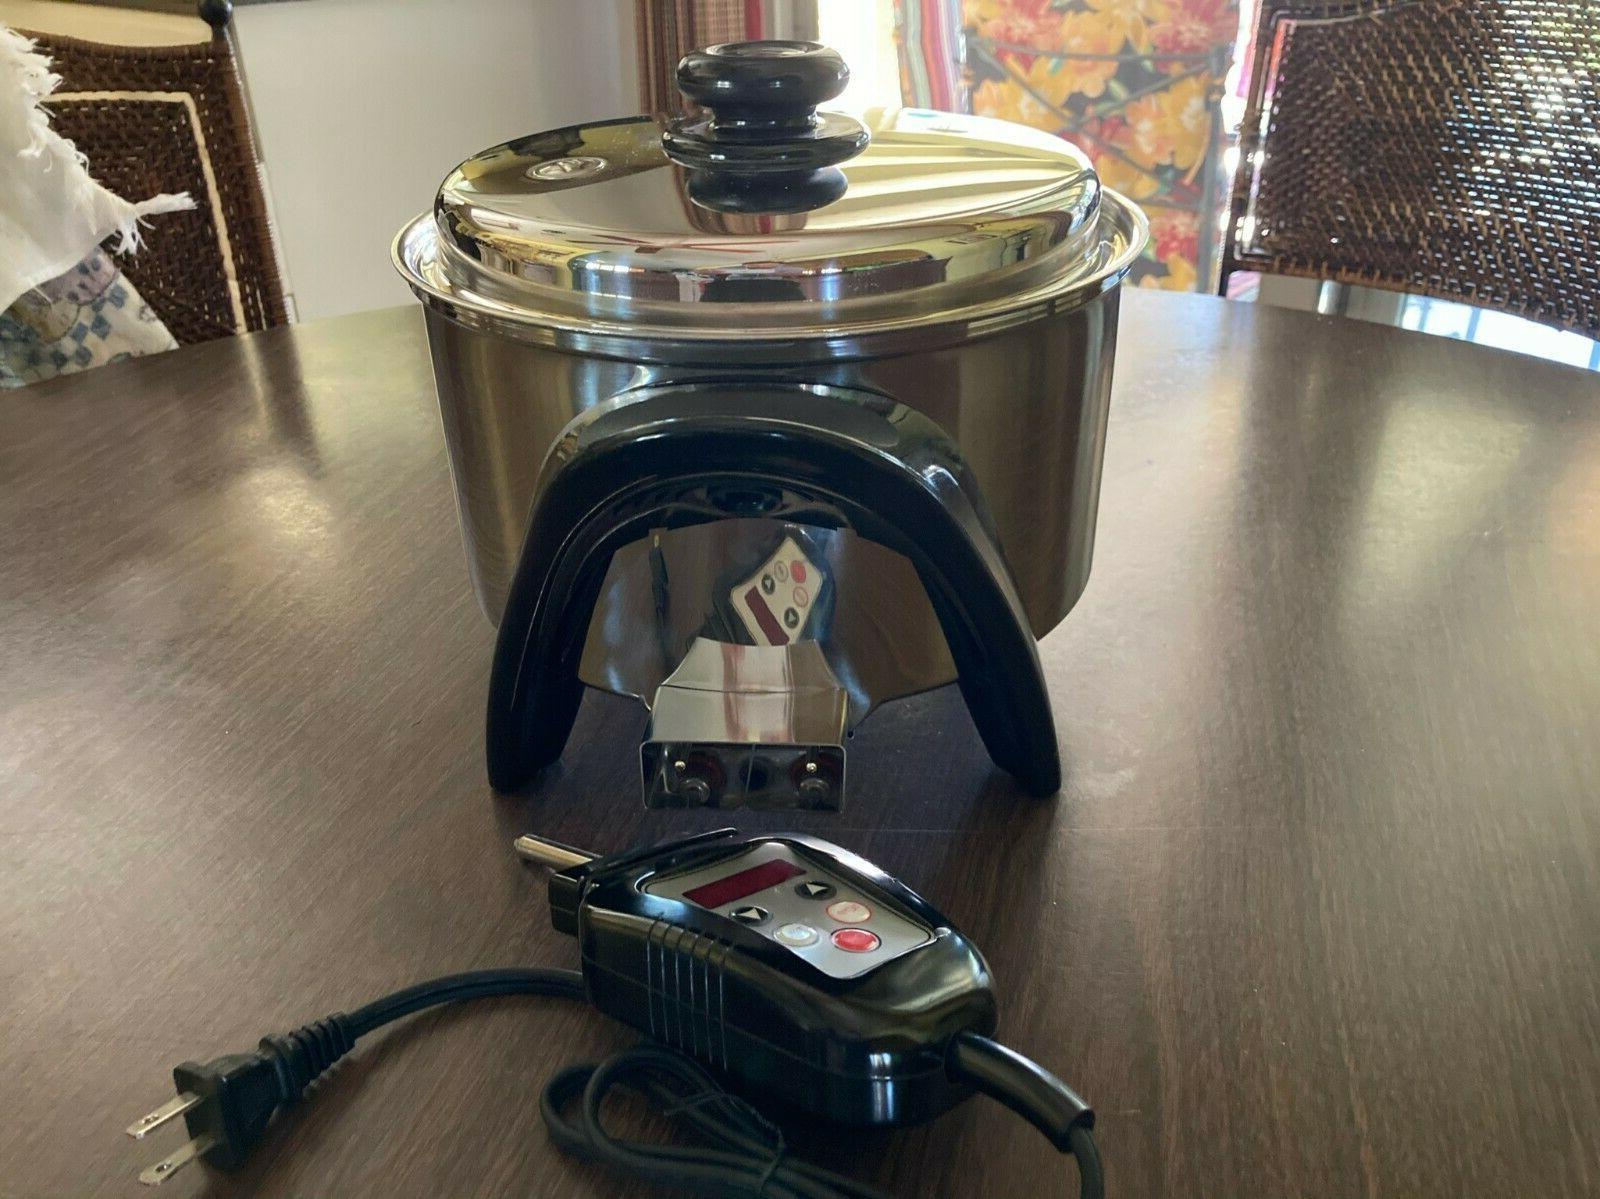 Saladmaster Regal 5 Electric Cooker SA005OCU